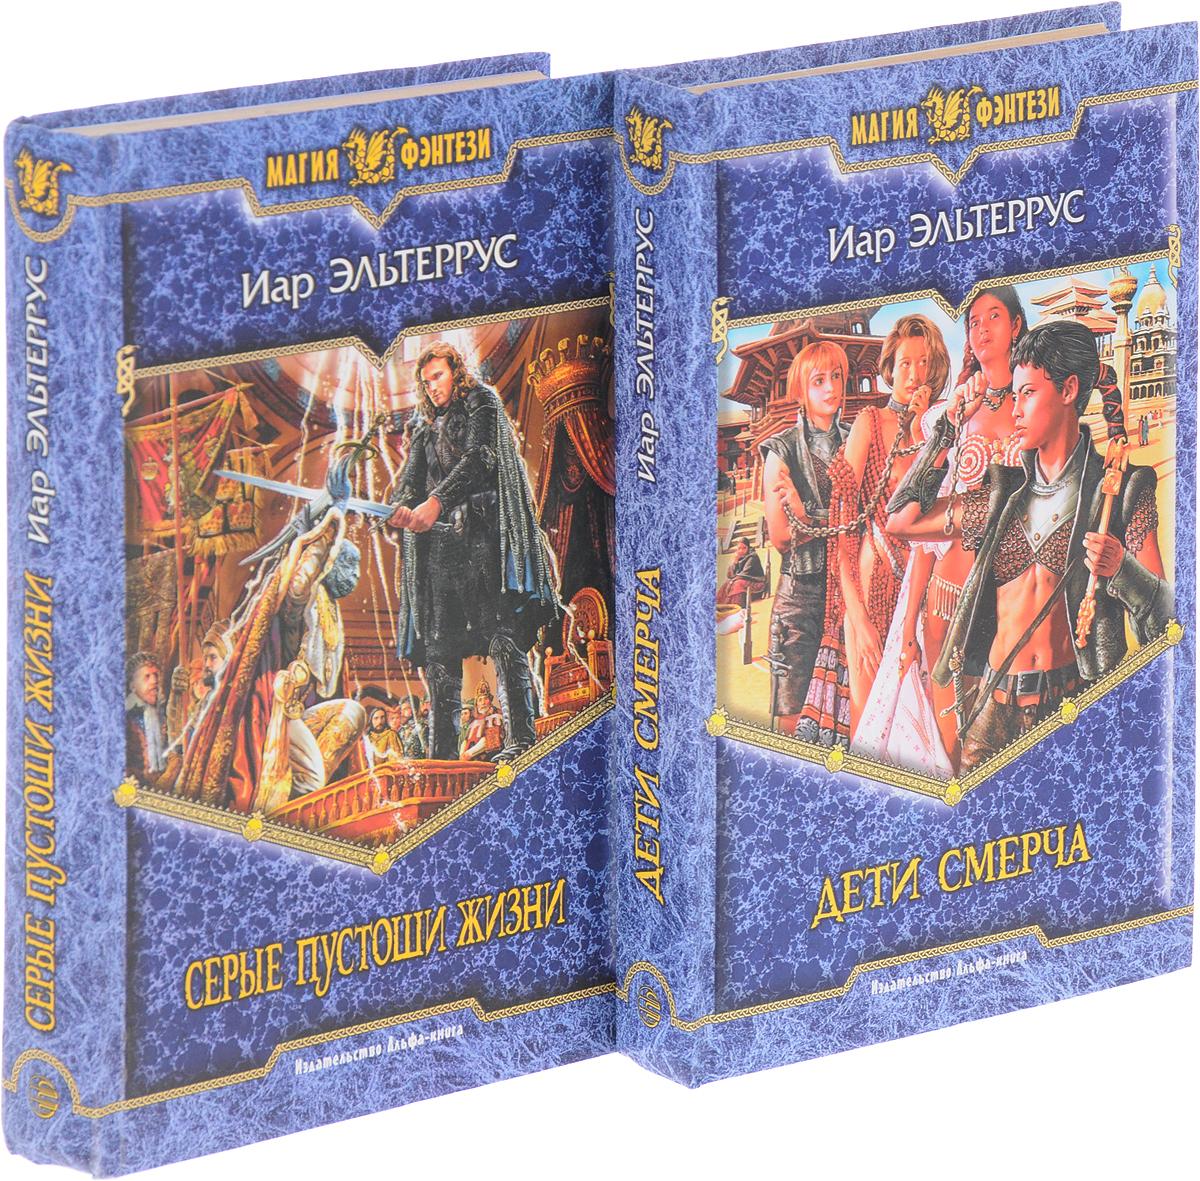 Иар Эльтеррус. Цикл Девятимечье. Серый меч (комплект из 2 книг). Иар Эльтеррус